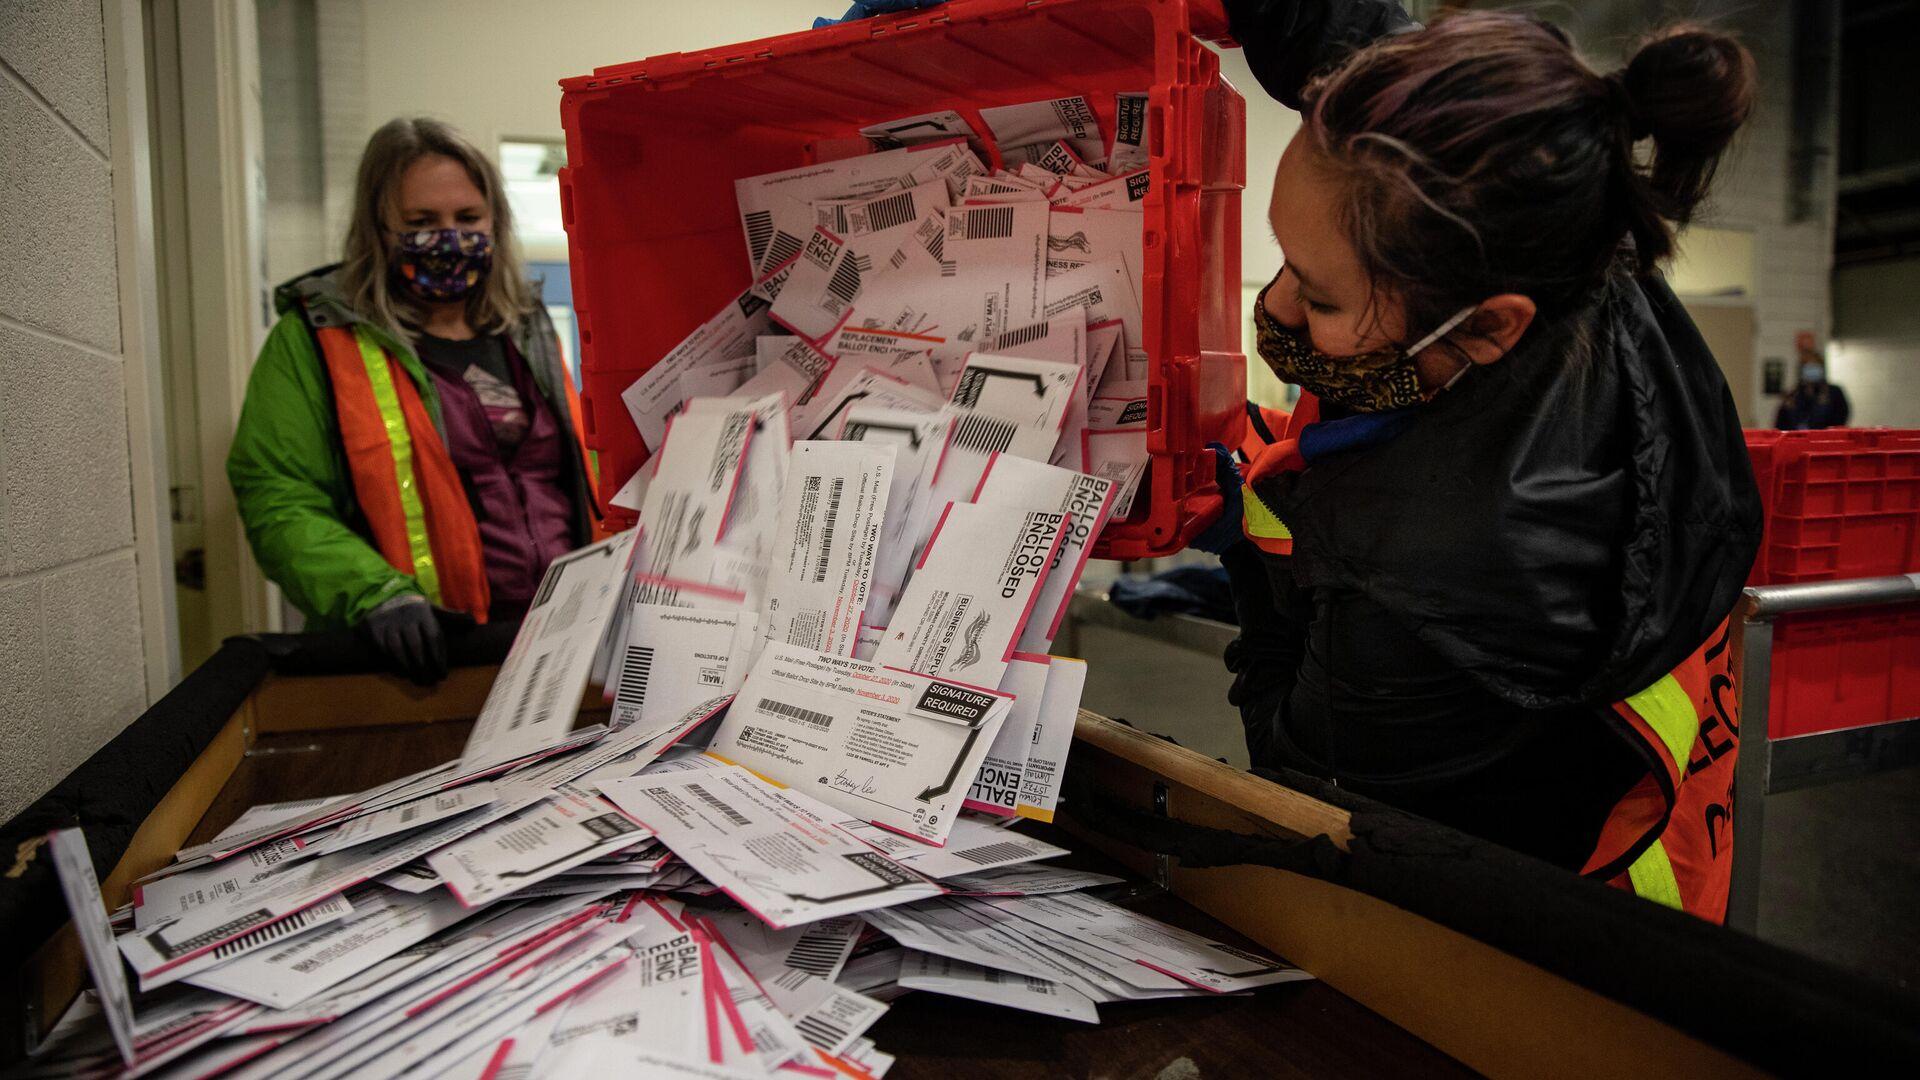 Выемка бюллетеней из урны для голосования на избирательном участке в Портленде - РИА Новости, 1920, 05.11.2020